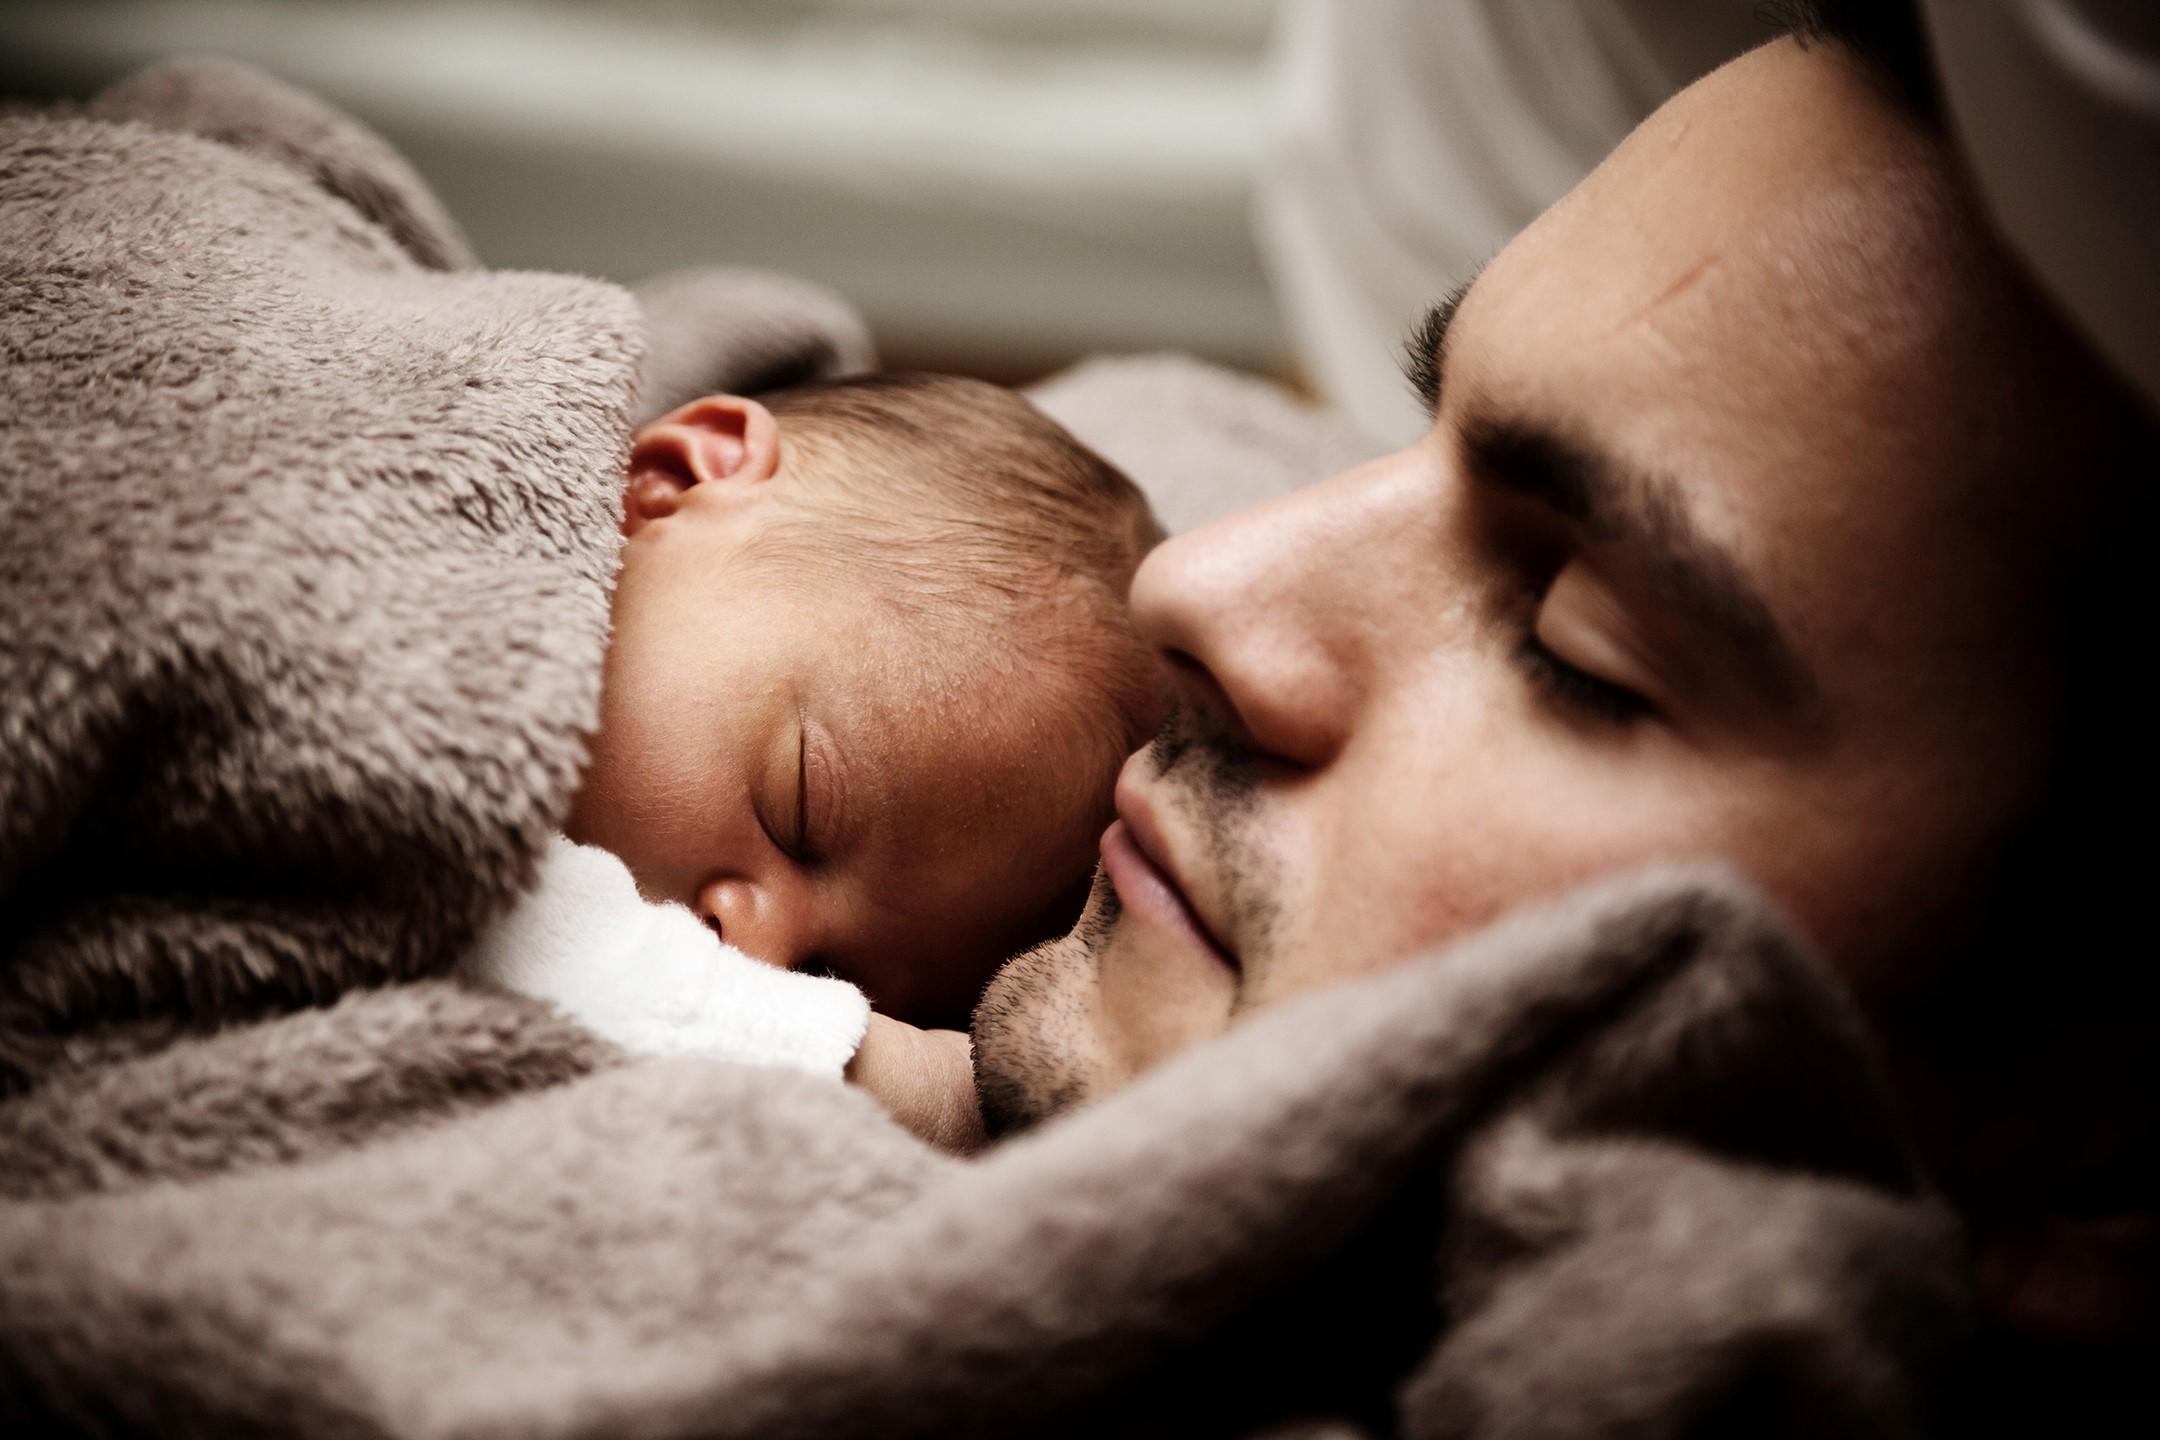 Lūk, saraksts ar 10 lietām, kuras nekad nedrīkst darīt, ja blakus ir jaundzimušais